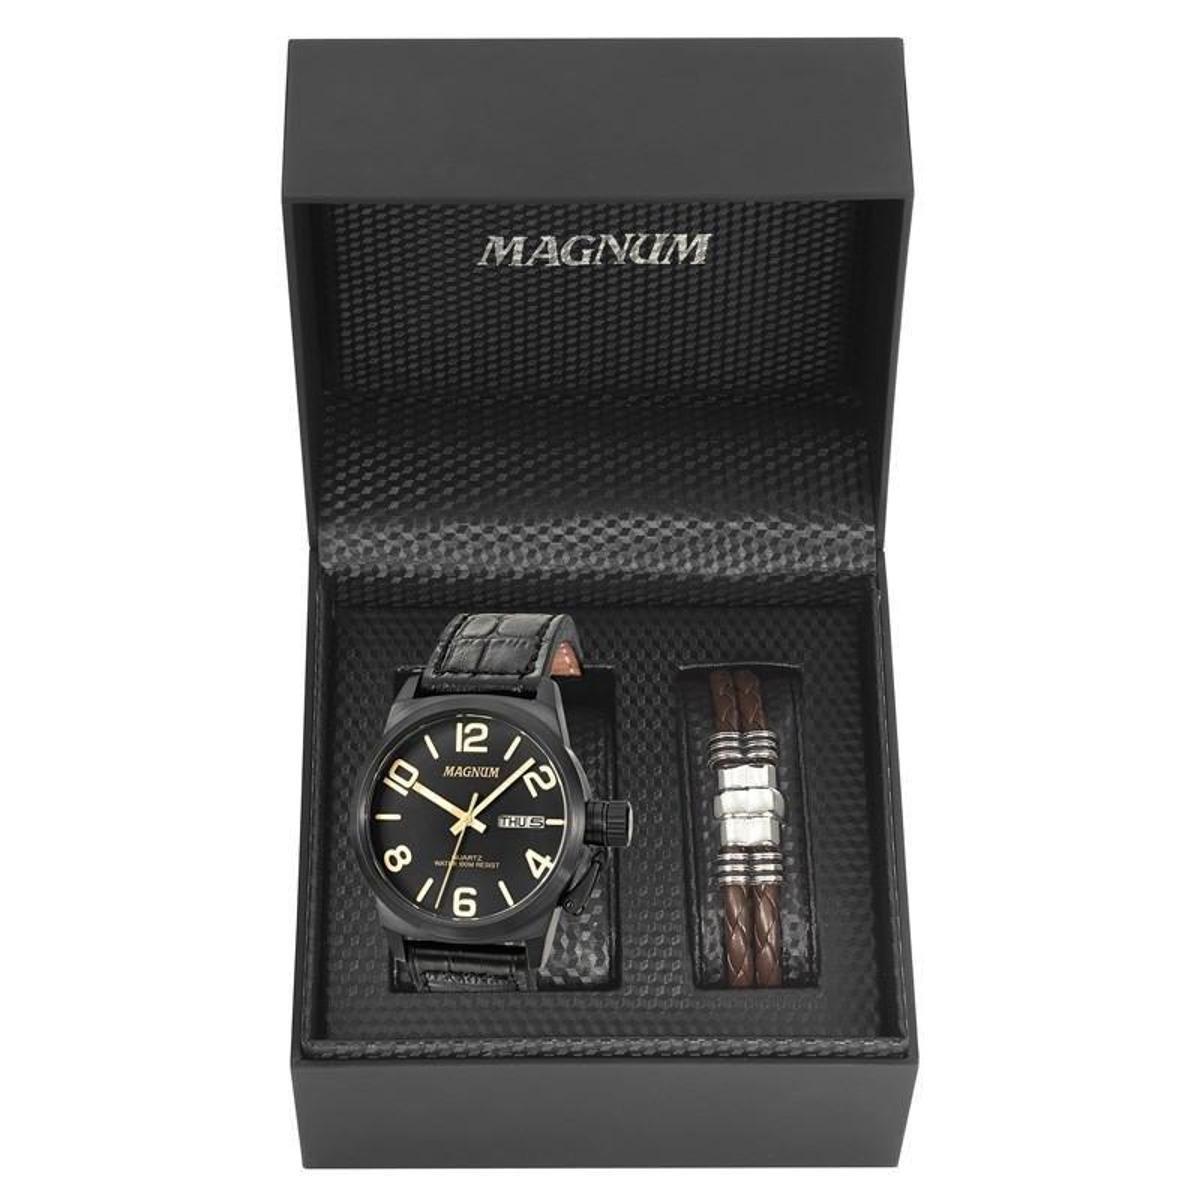 d0bd74d5050 Kit Relógio Magnum Masculino - Preto e Marrom - Compre Agora